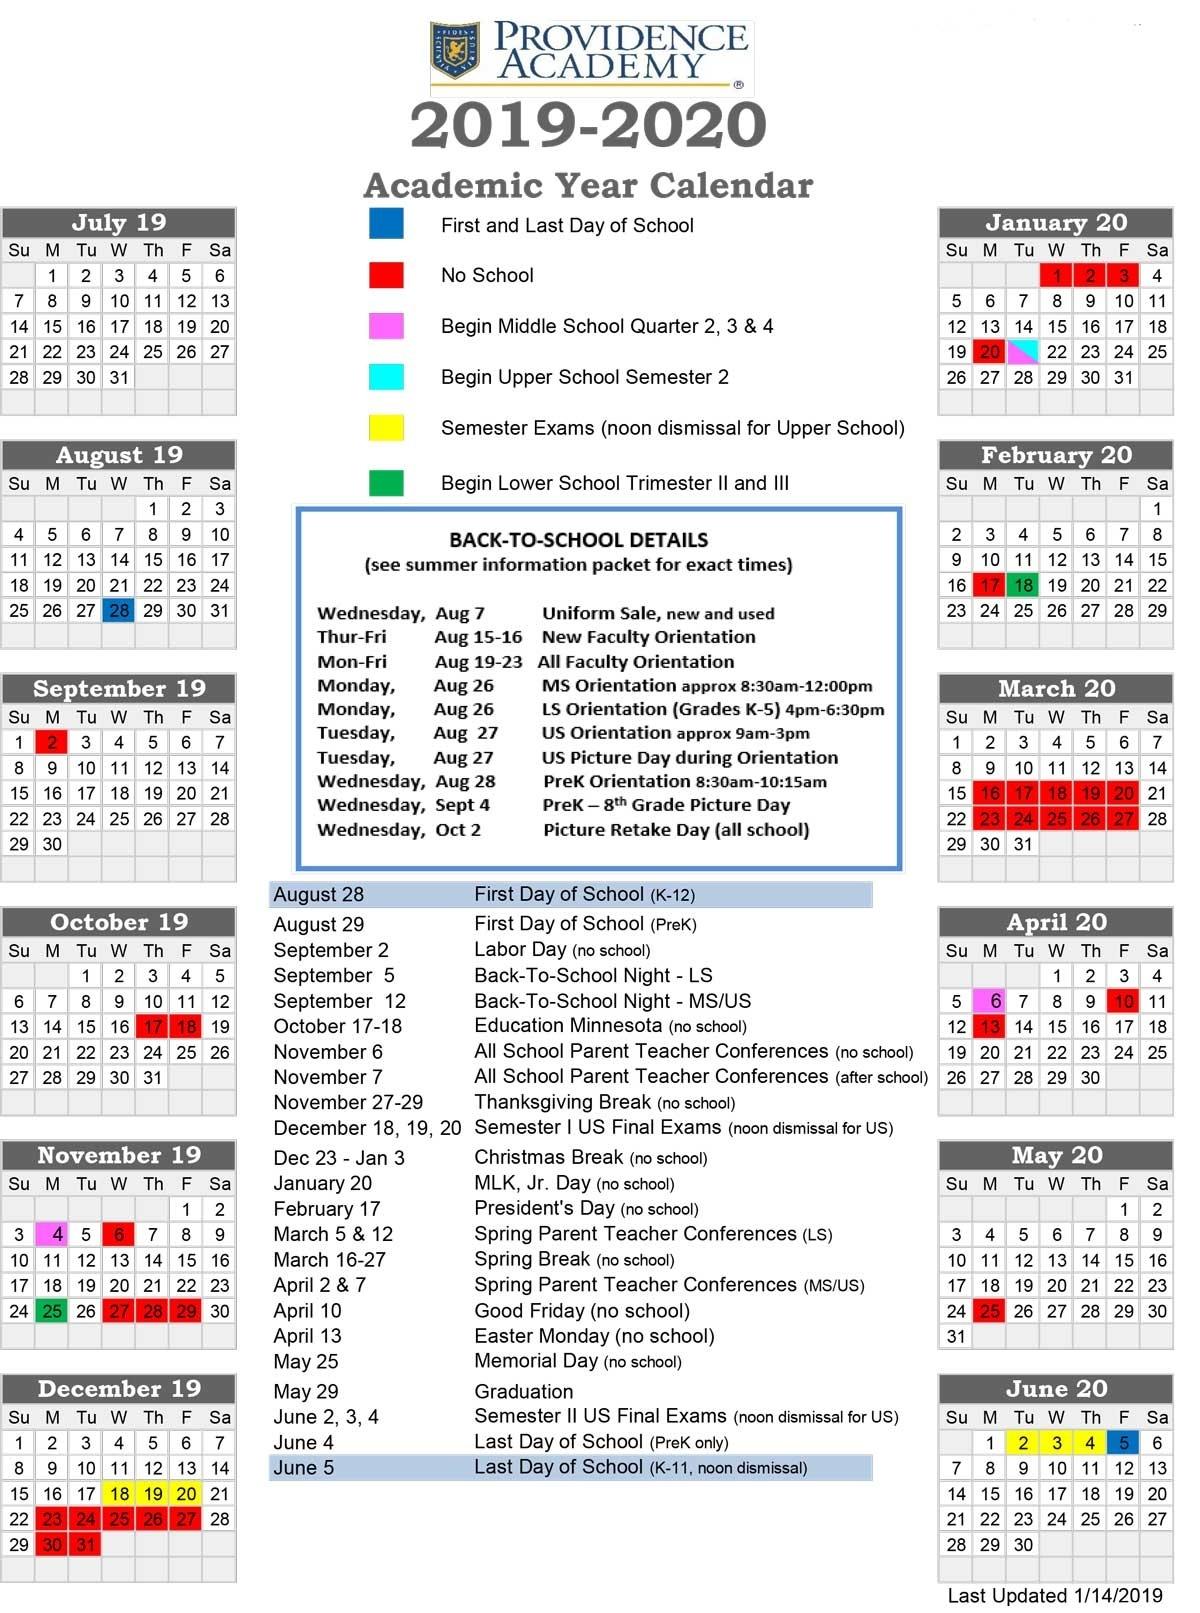 Academic Calendar - Providence Academy_T H Rogers School Calendar